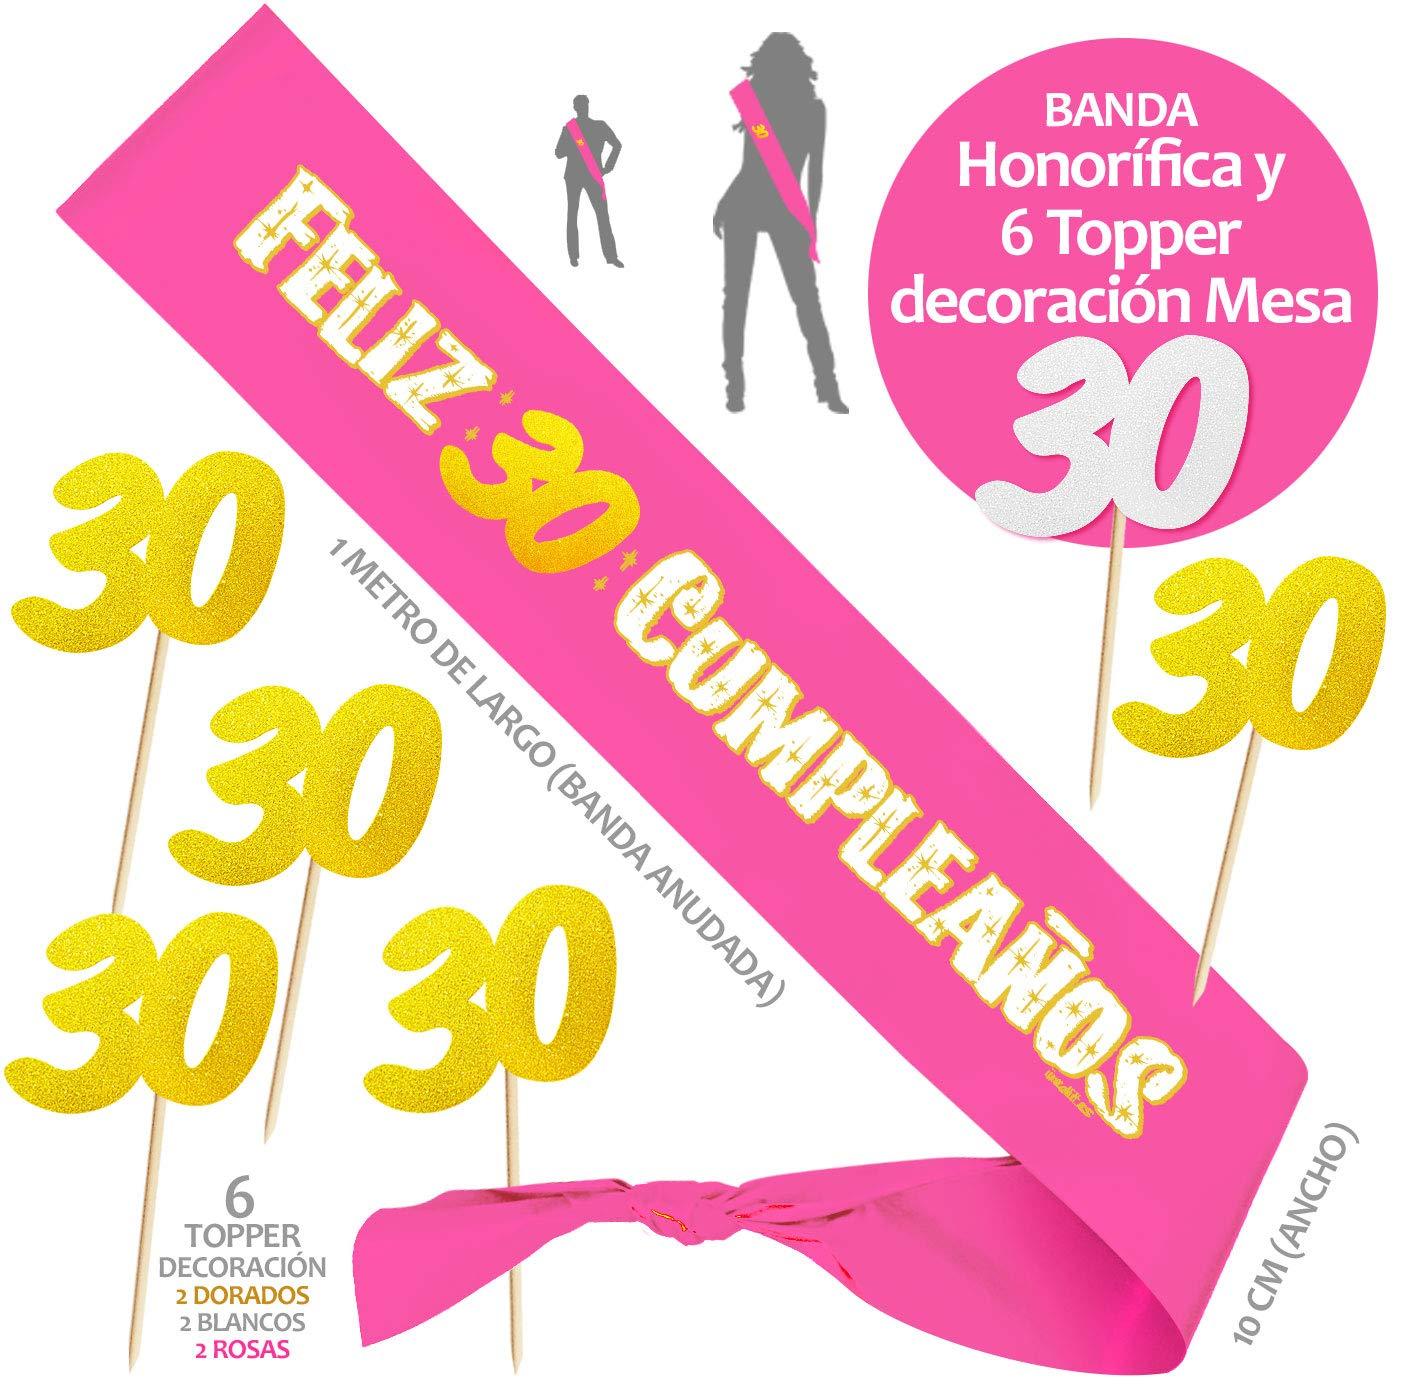 Inedit Festa - Banda 30 Años Cumpleaños Banda Honorífica ...